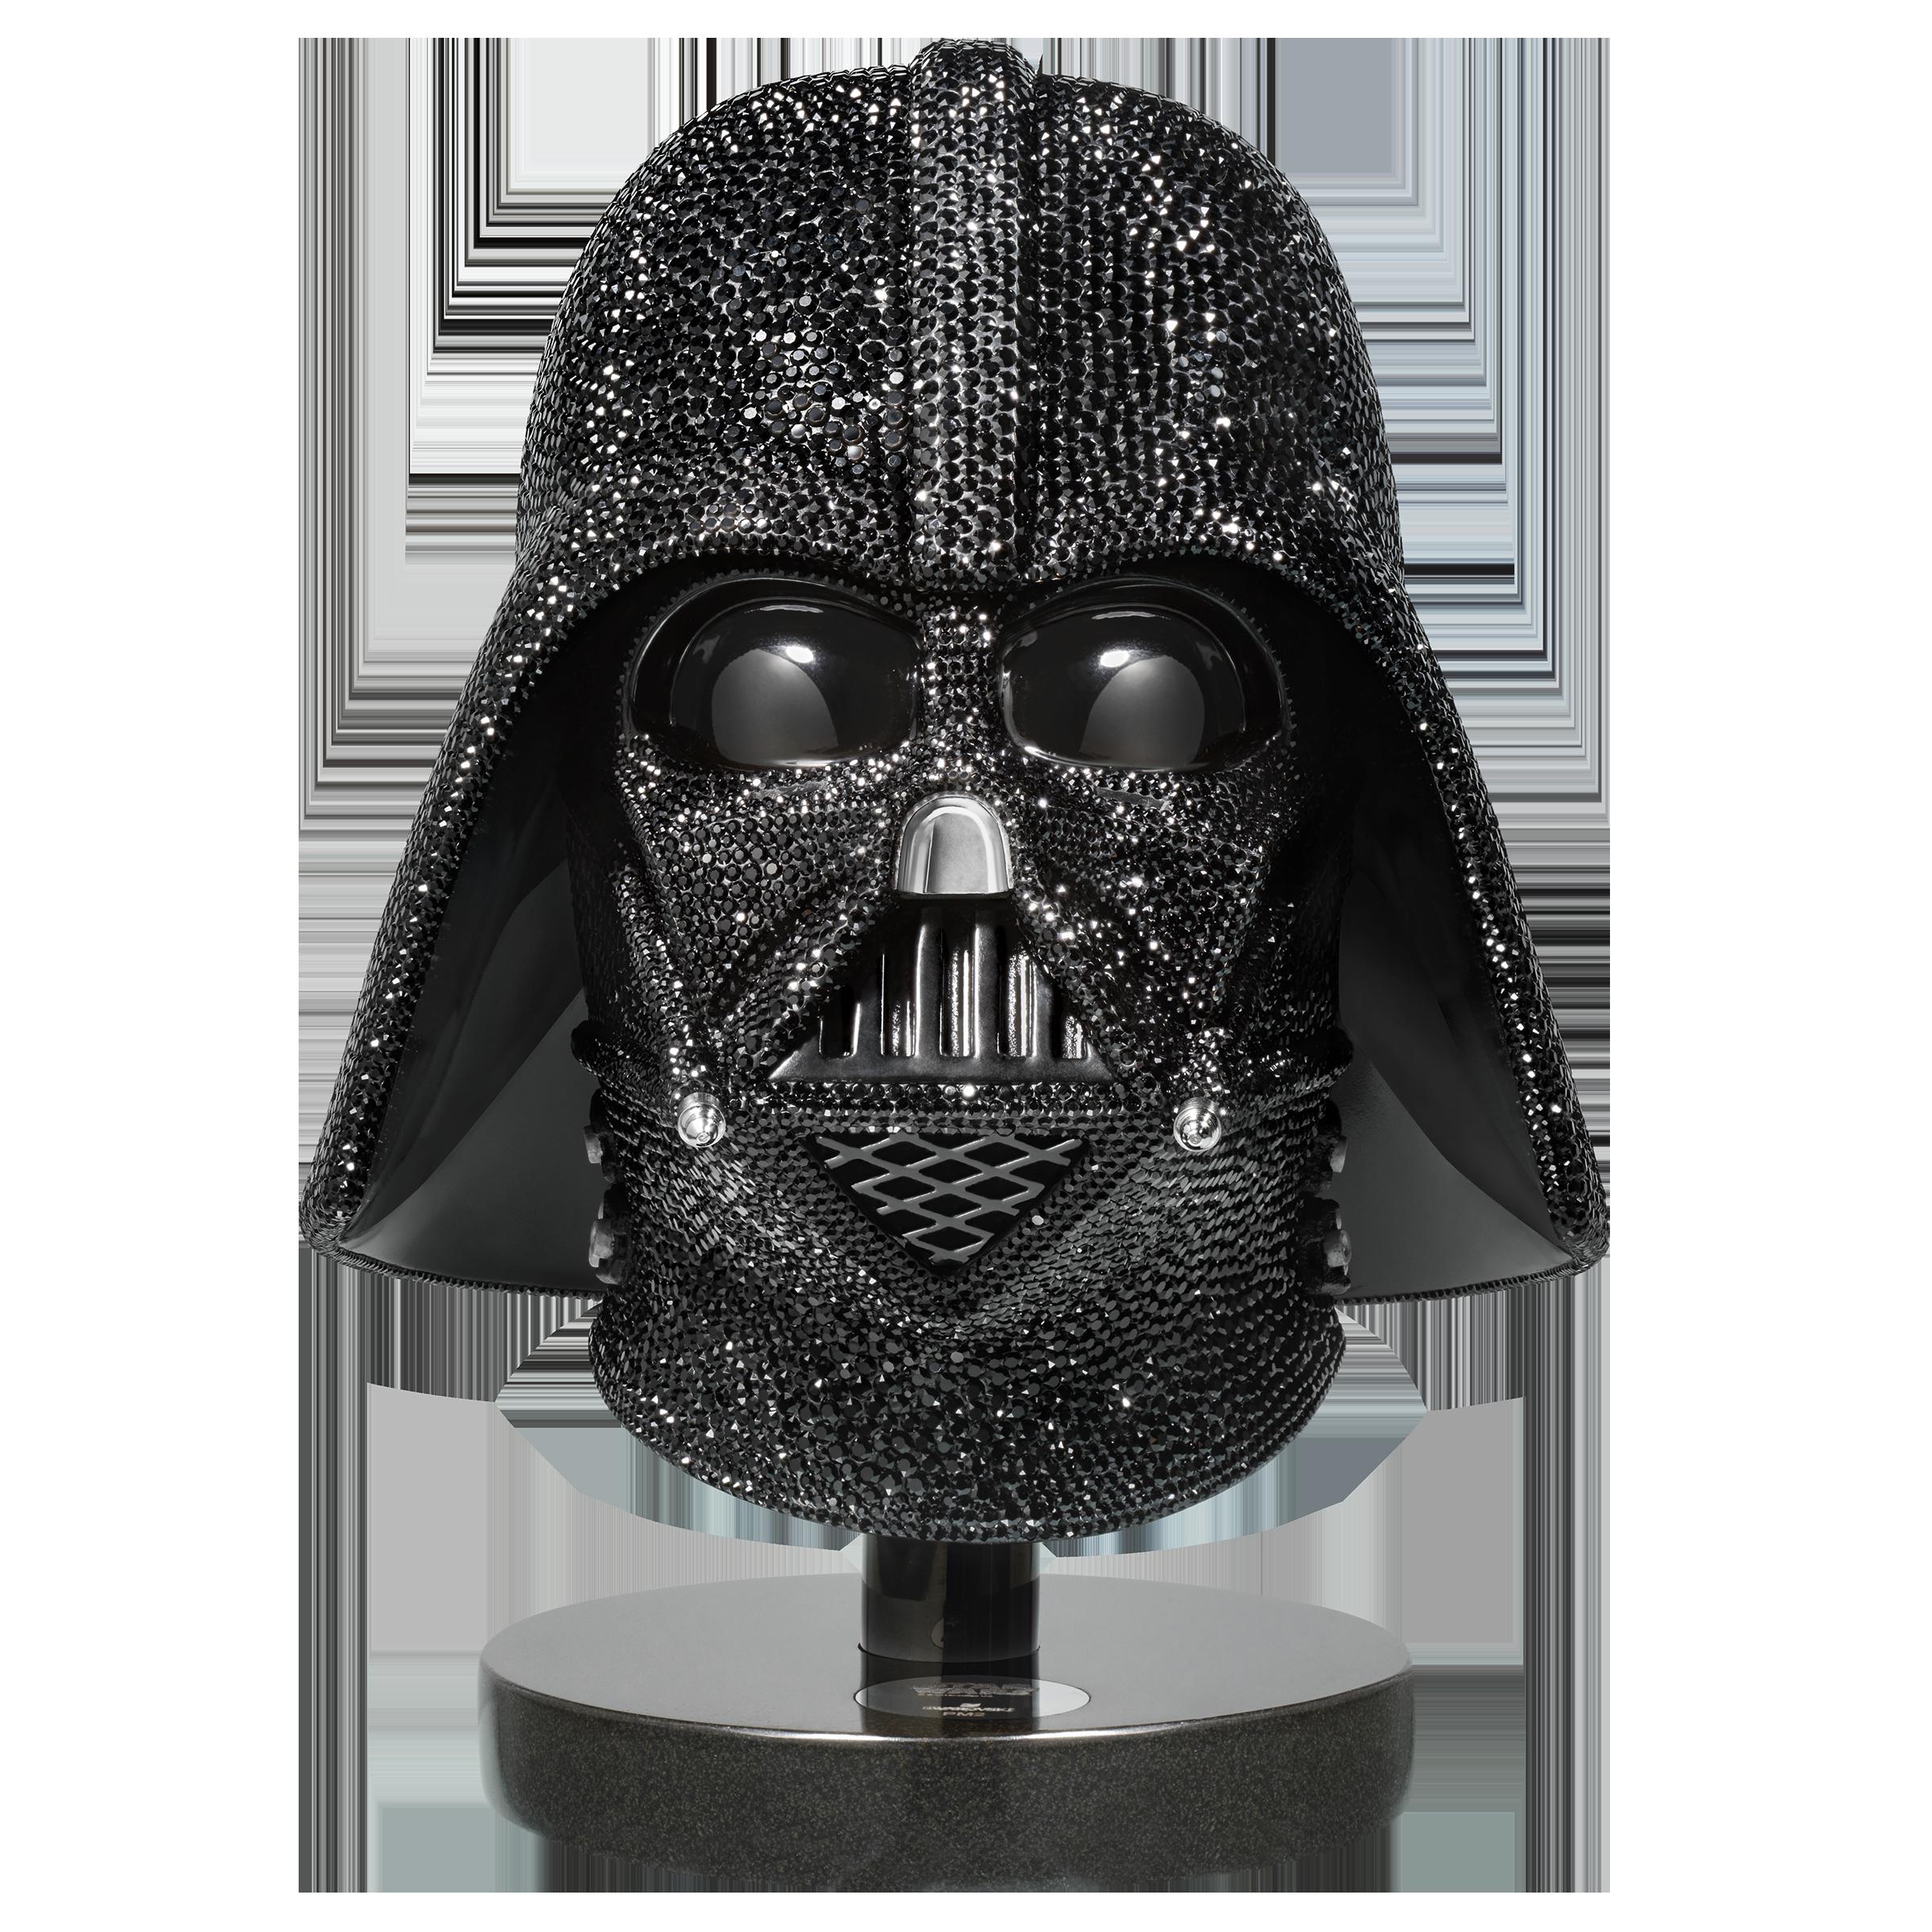 Star Wars - Darth Vader Helmet, L.E.